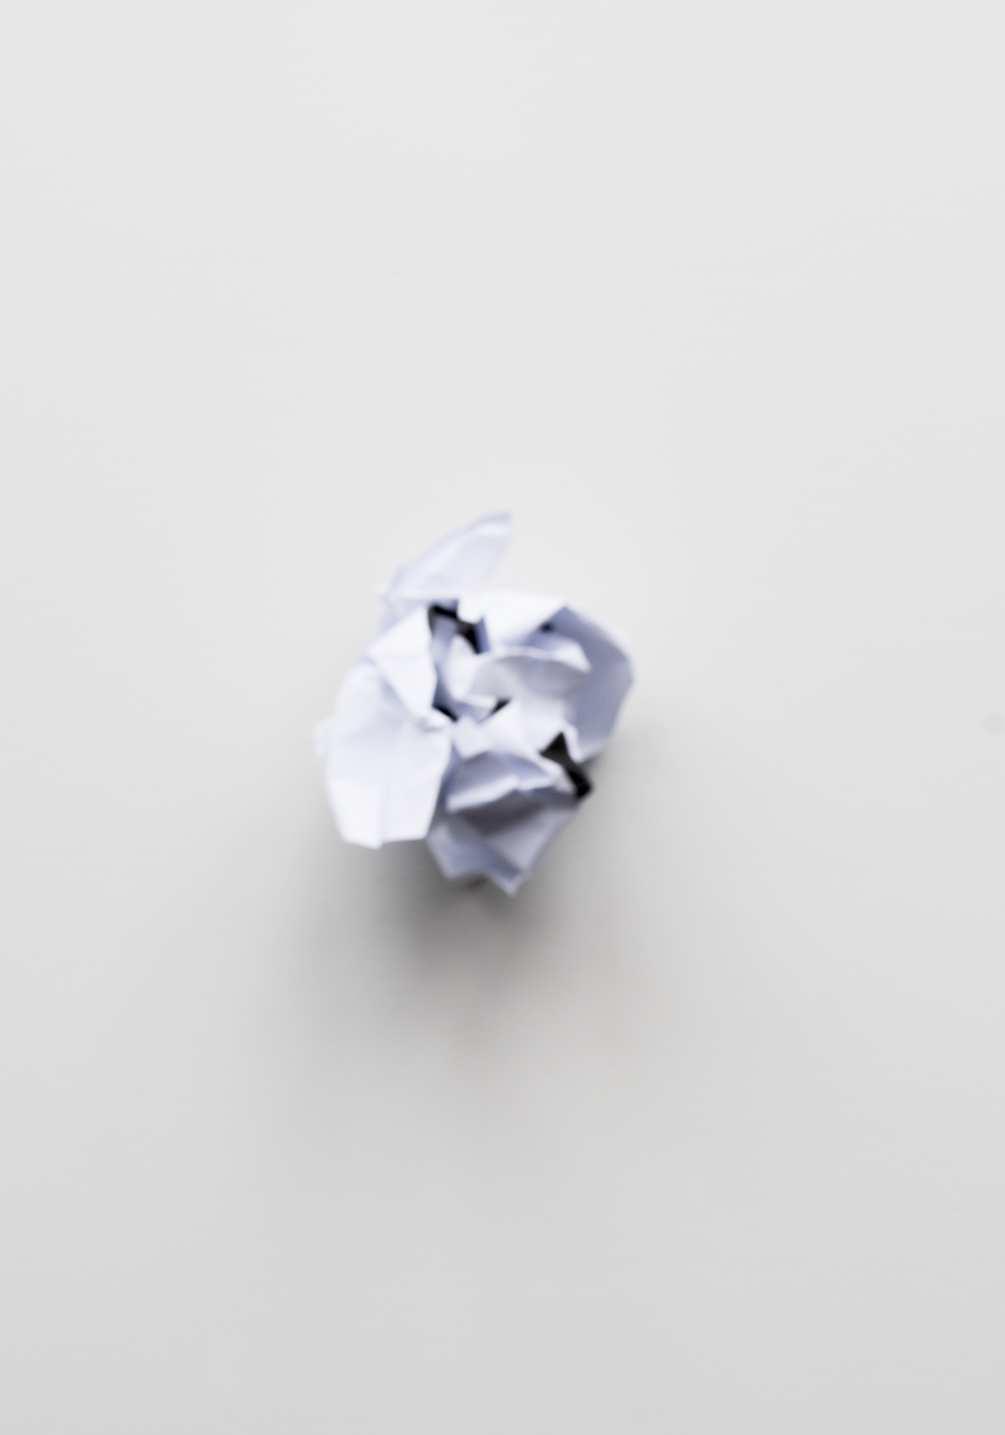 flux-letterhead-7-1005x1435px